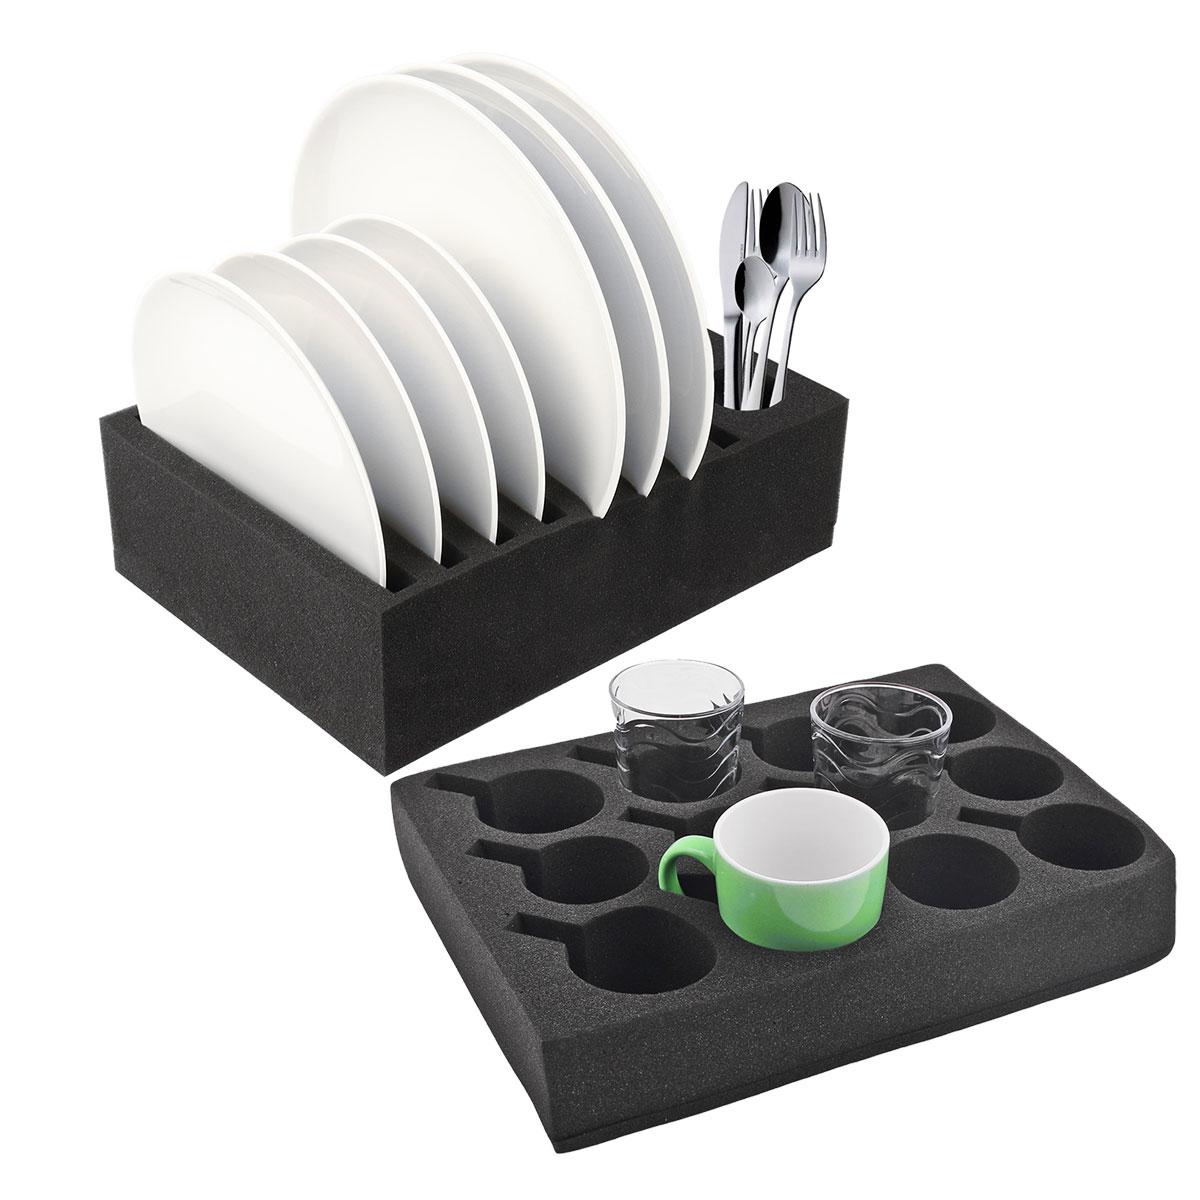 Geschirrhalter | Tassenhalter und Tellerhalter | schwarz | Schaumstoff